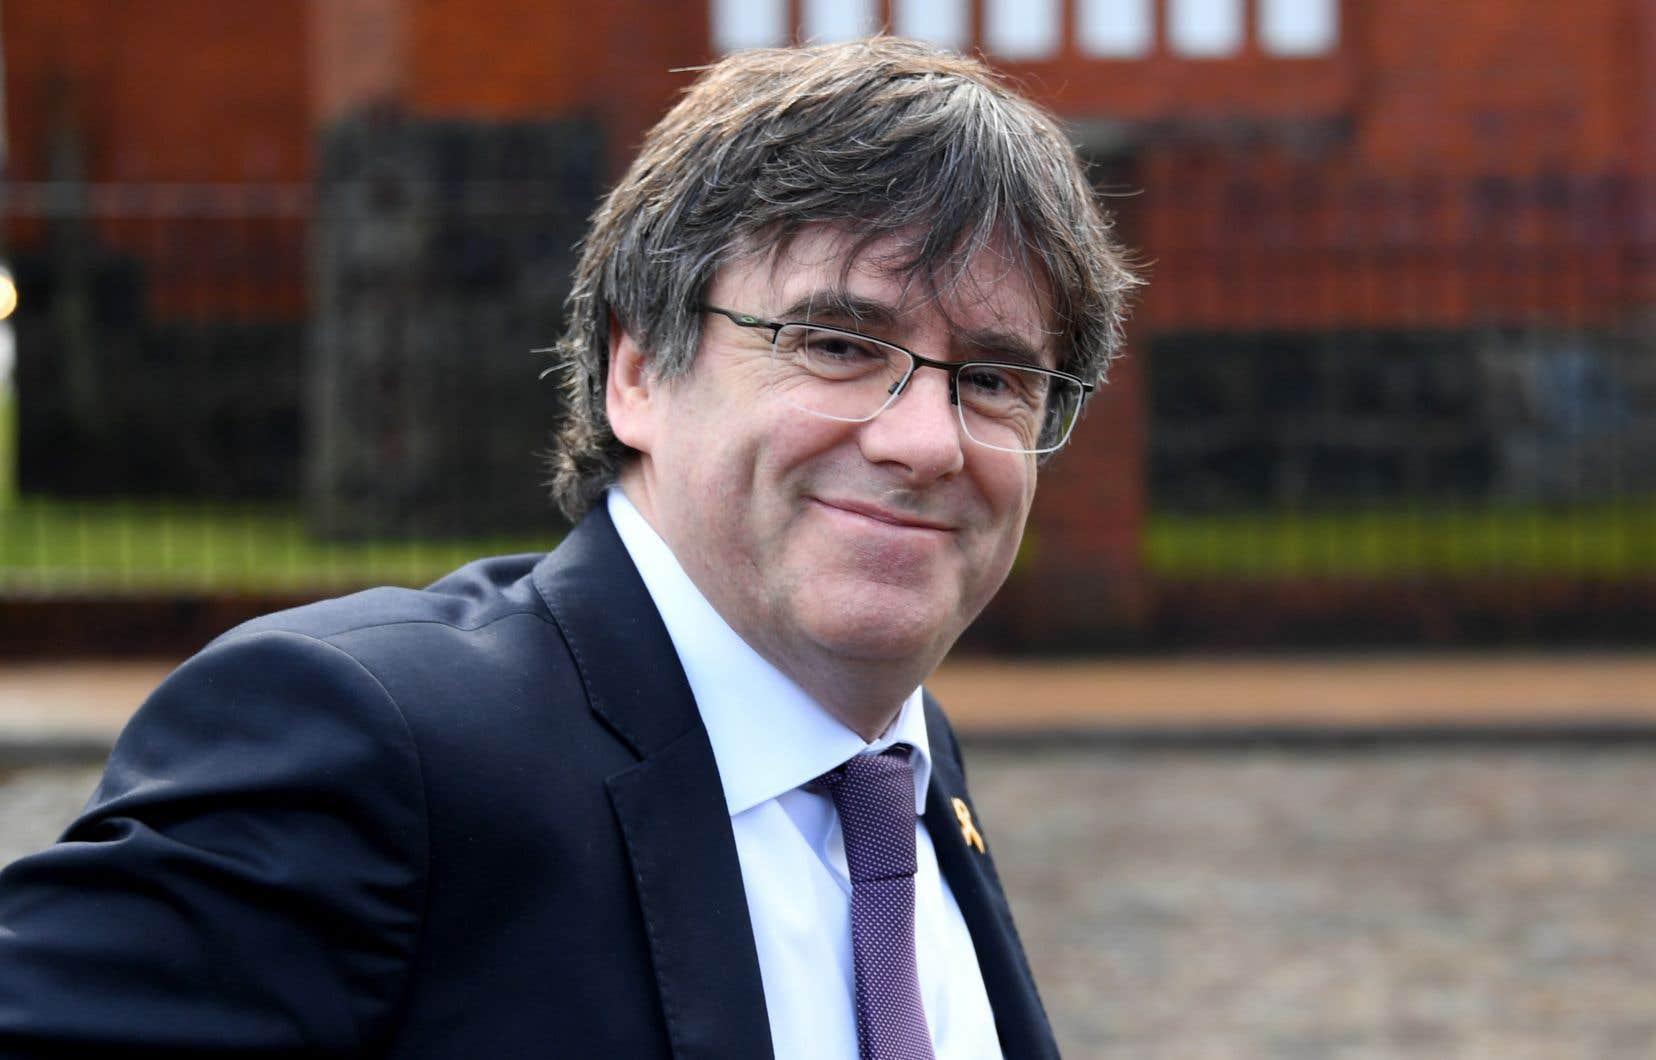 Carles Puigdemont, un député espagnol en exil en Belgique pour avoir participé à l'organisation du référendum sur l'indépendance de la Catalogne de 2017.